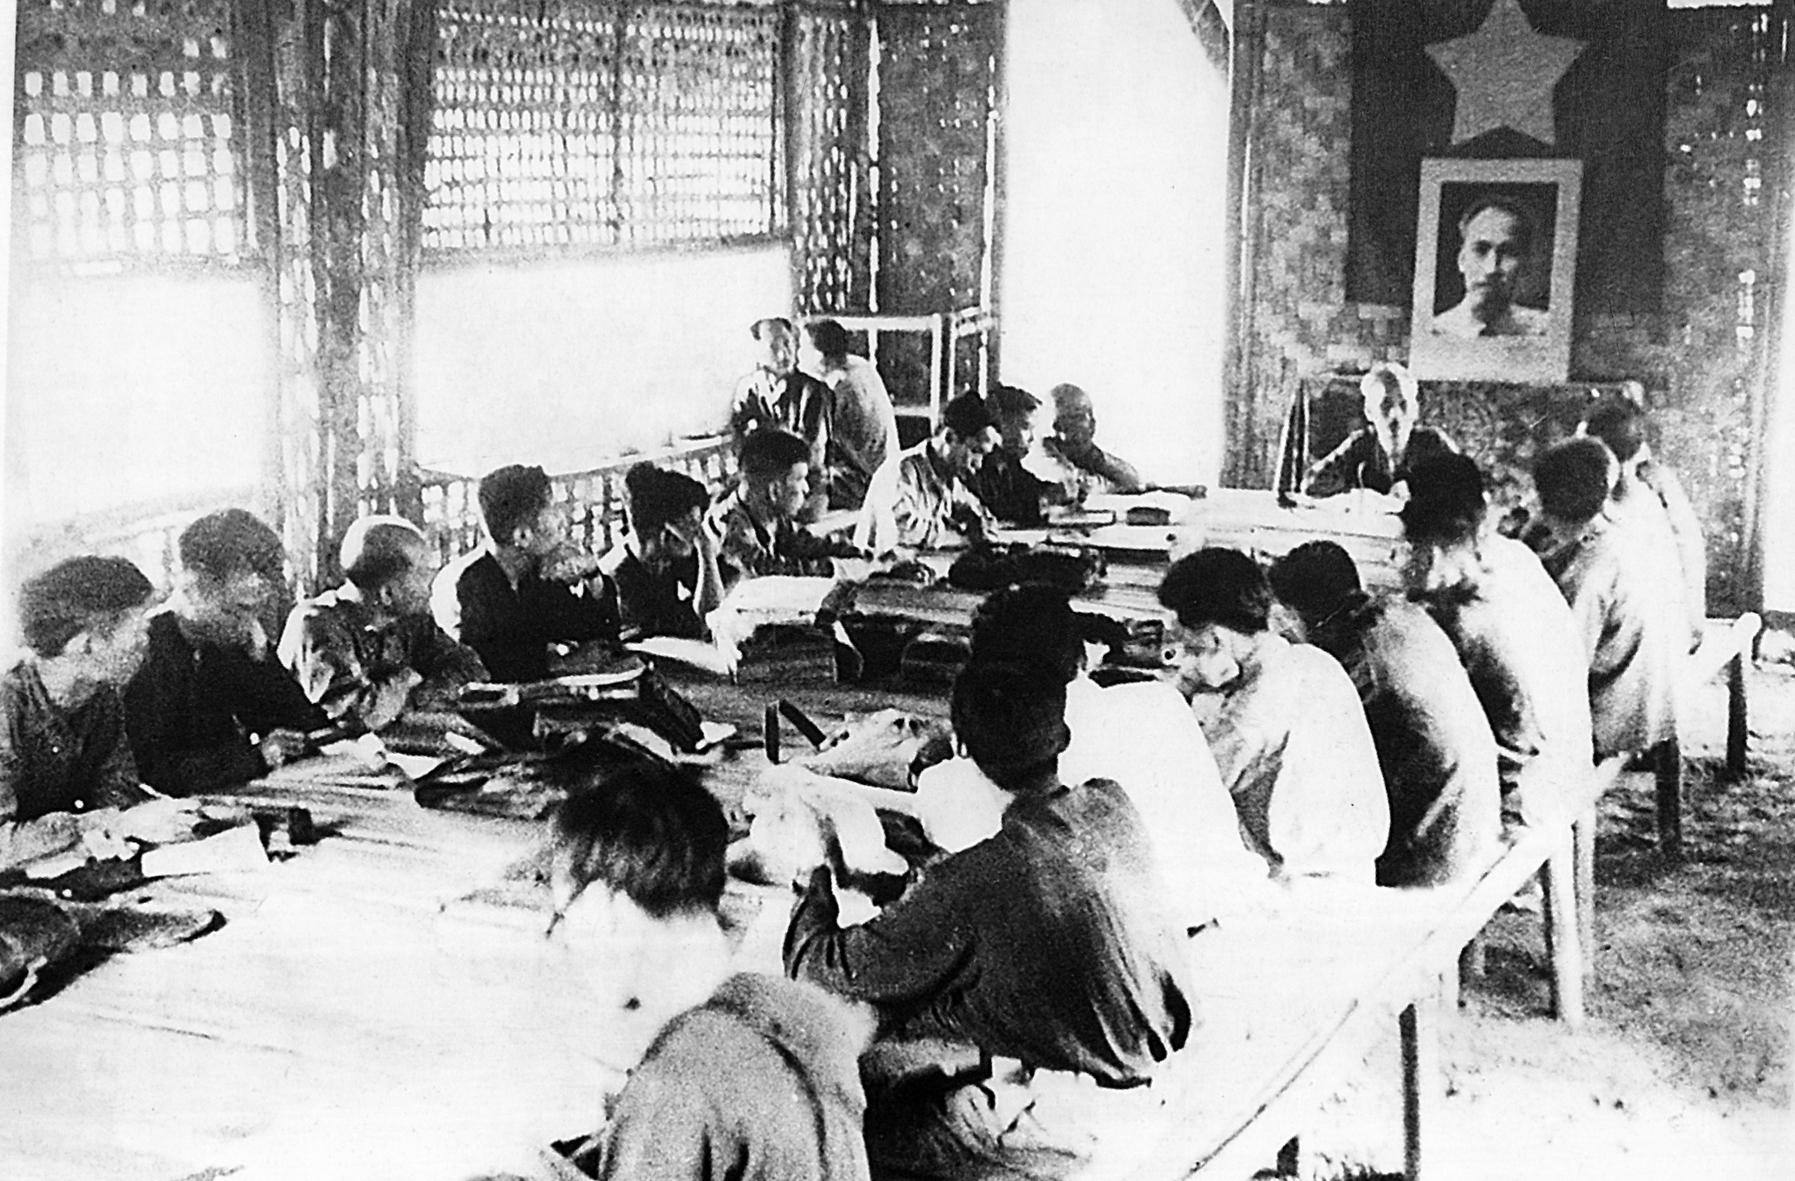 Hội nghị lần thứ nhất Ban Chấp hành Trung ương Đảng (khóa II)